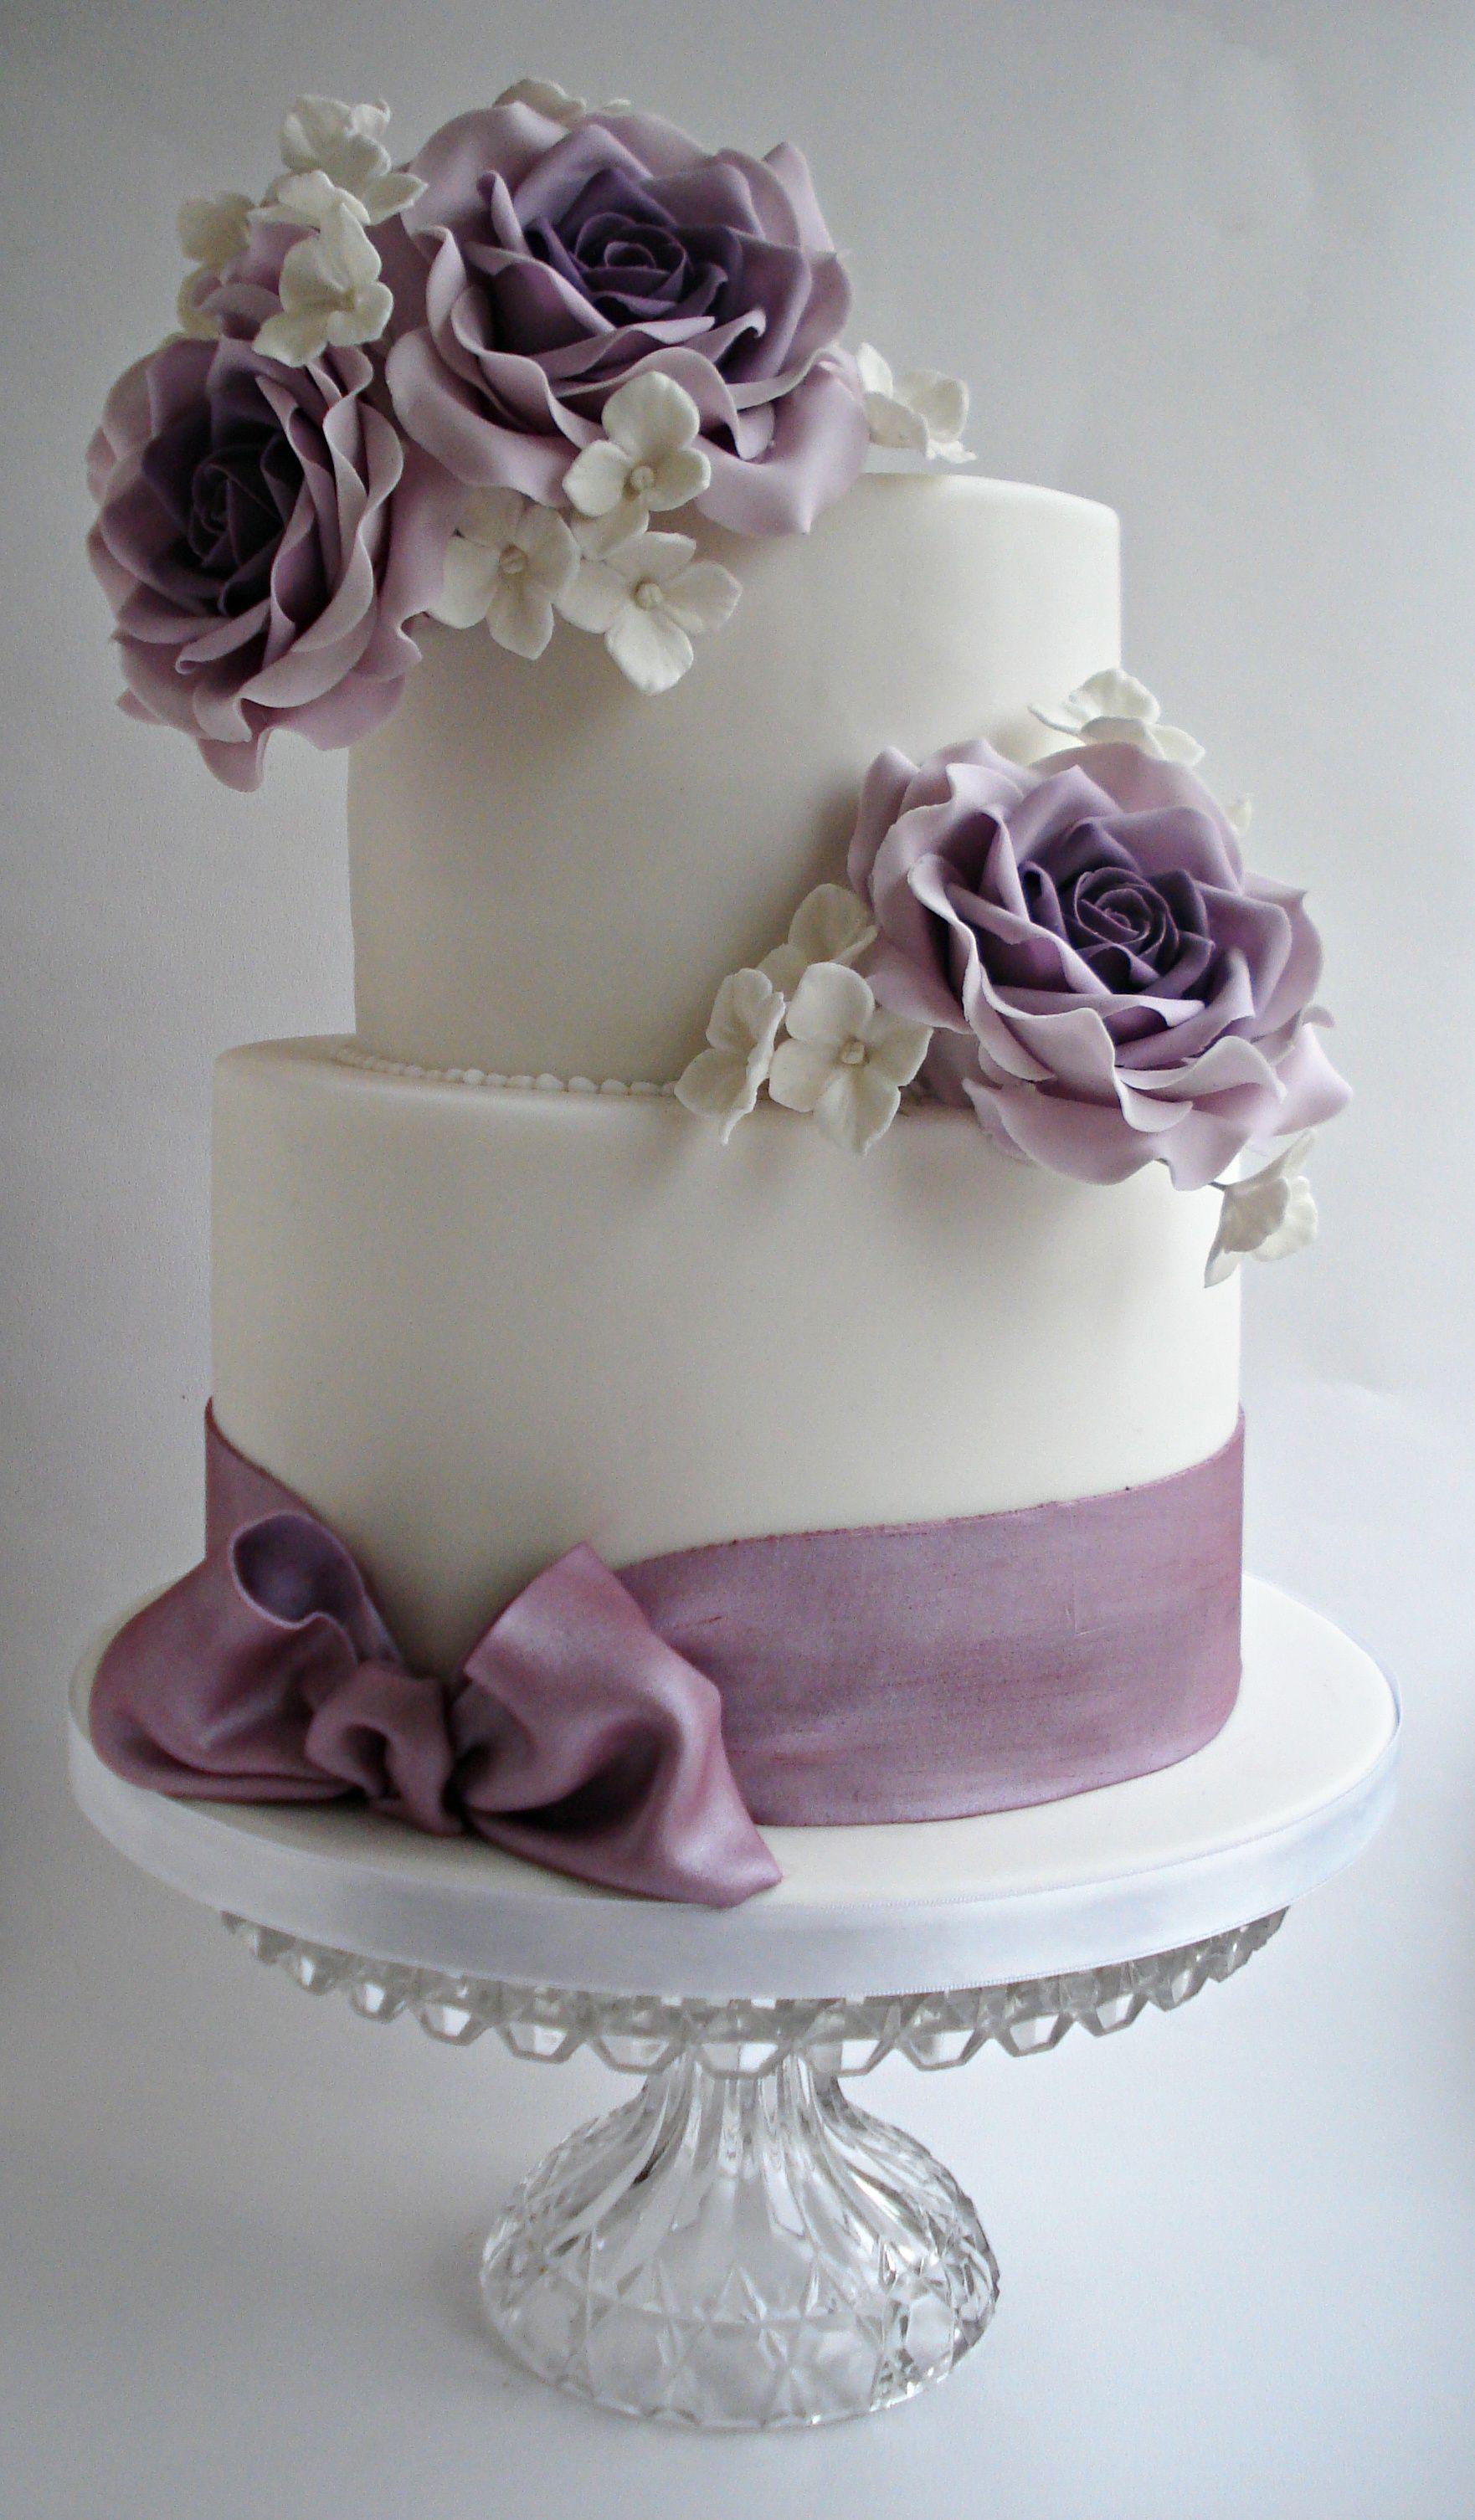 Round Wedding Cakes Lilac roses wedding cake x